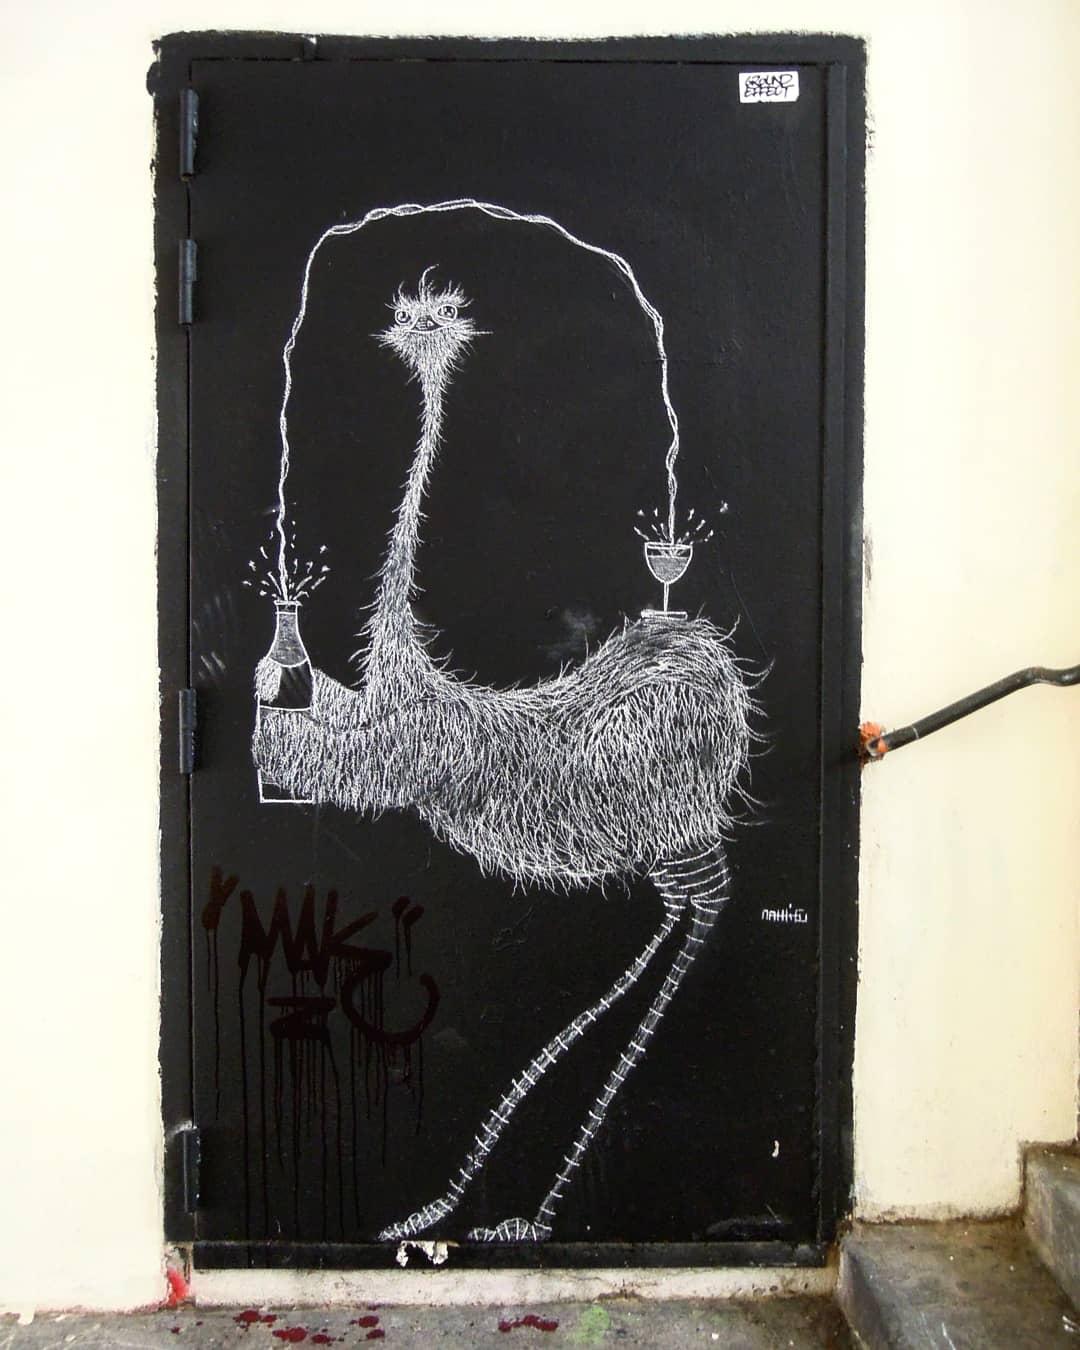 Gli animali di Matt_tieu popolano le città | Collater.al